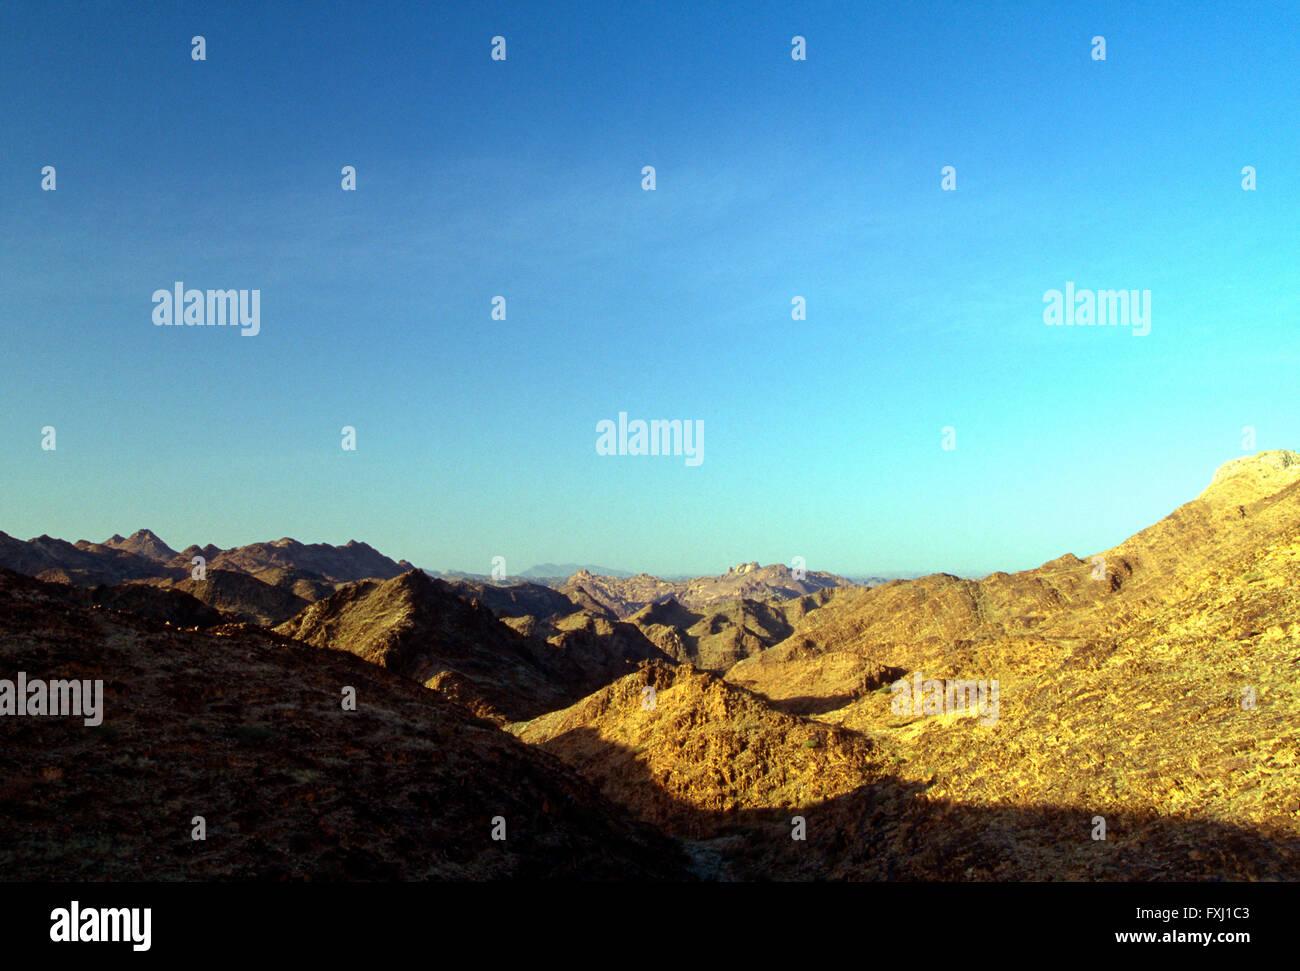 Paysage désertique près de Bishah, Royaume d'Arabie Saoudite Photo Stock